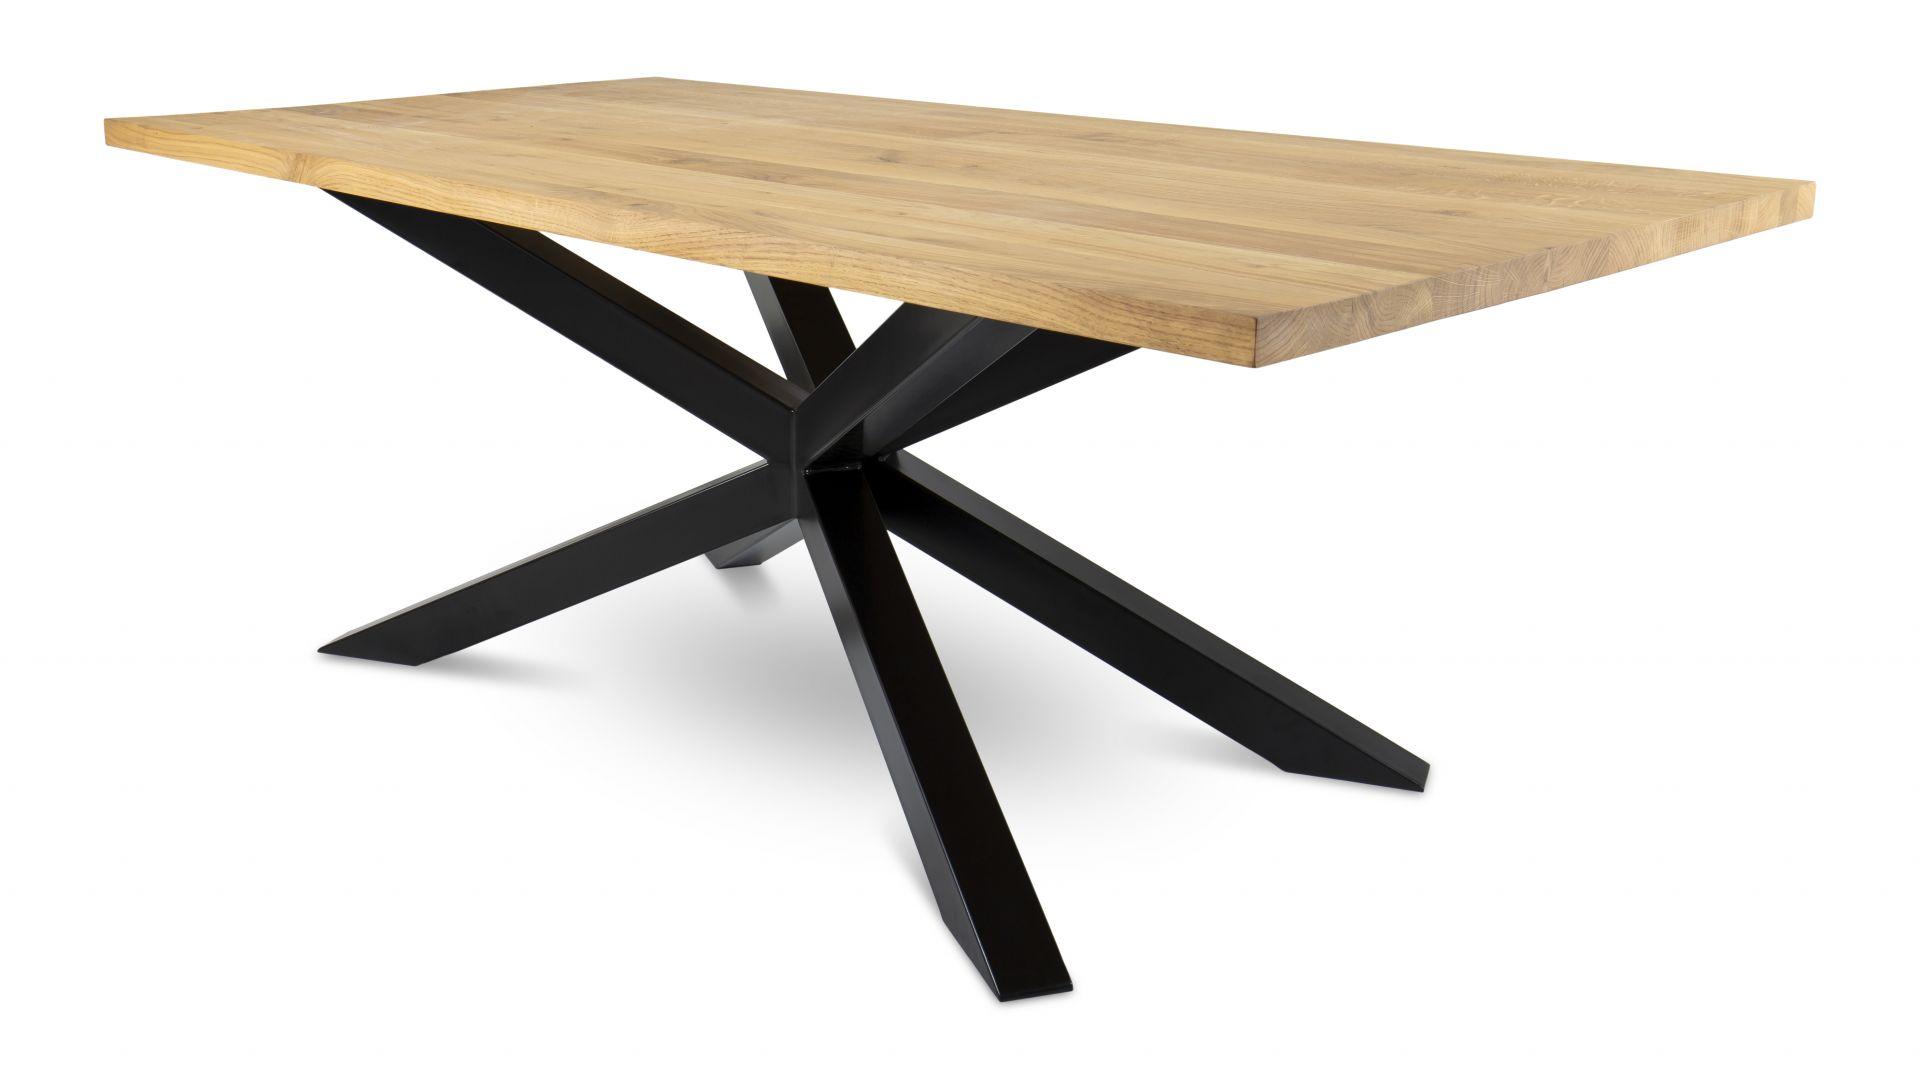 Stół pająk OakLoft o wymiarach 200x100 cm - 2. 990 zł. Do kupienia w sklepie DekoracjaDomu.pl